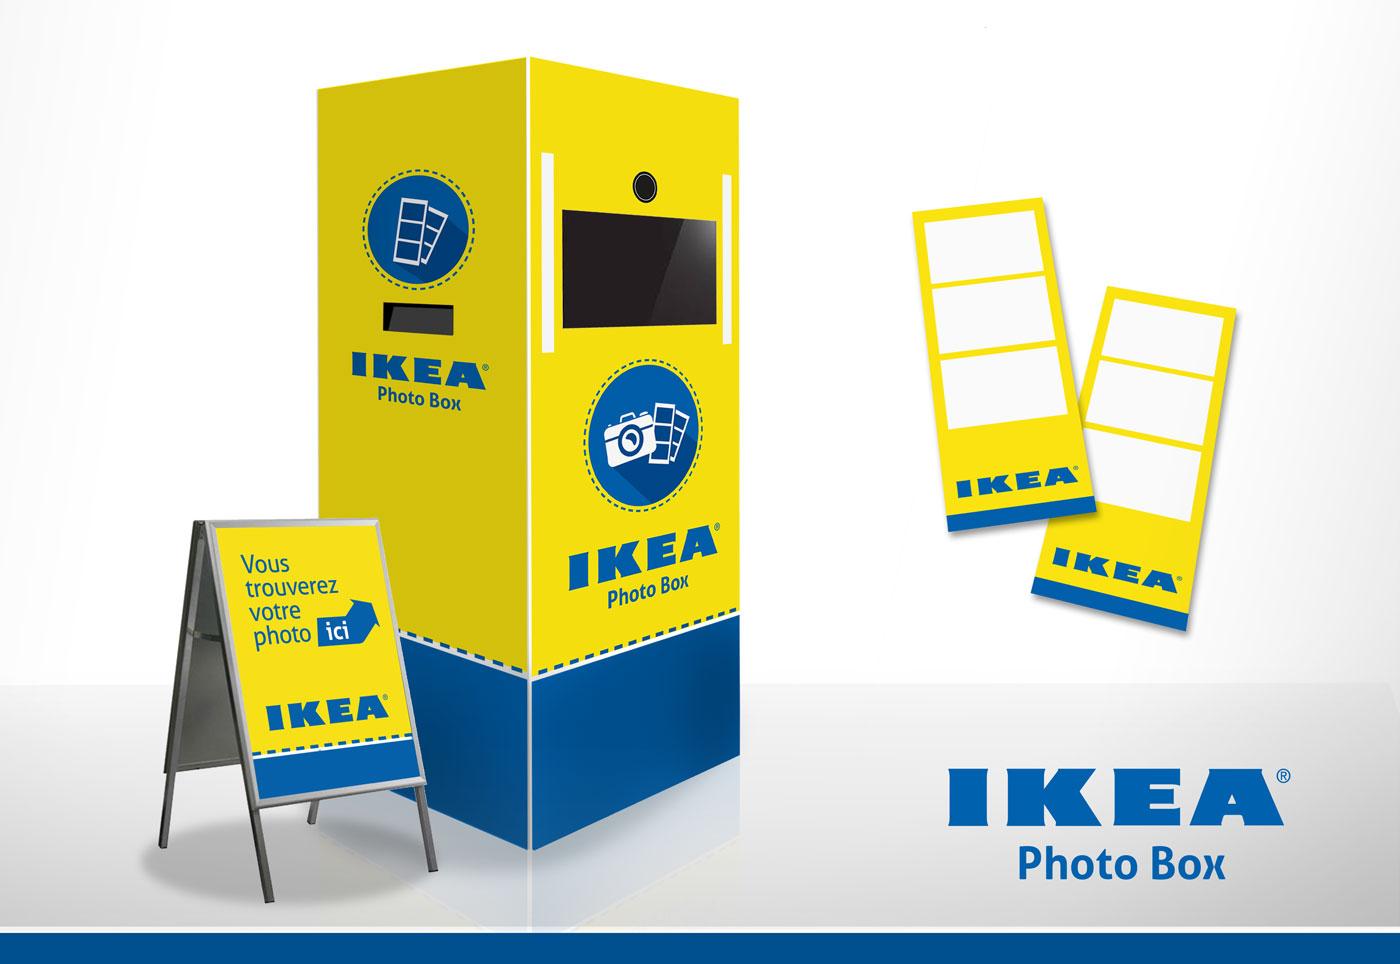 Photobooth-Ikea-v2